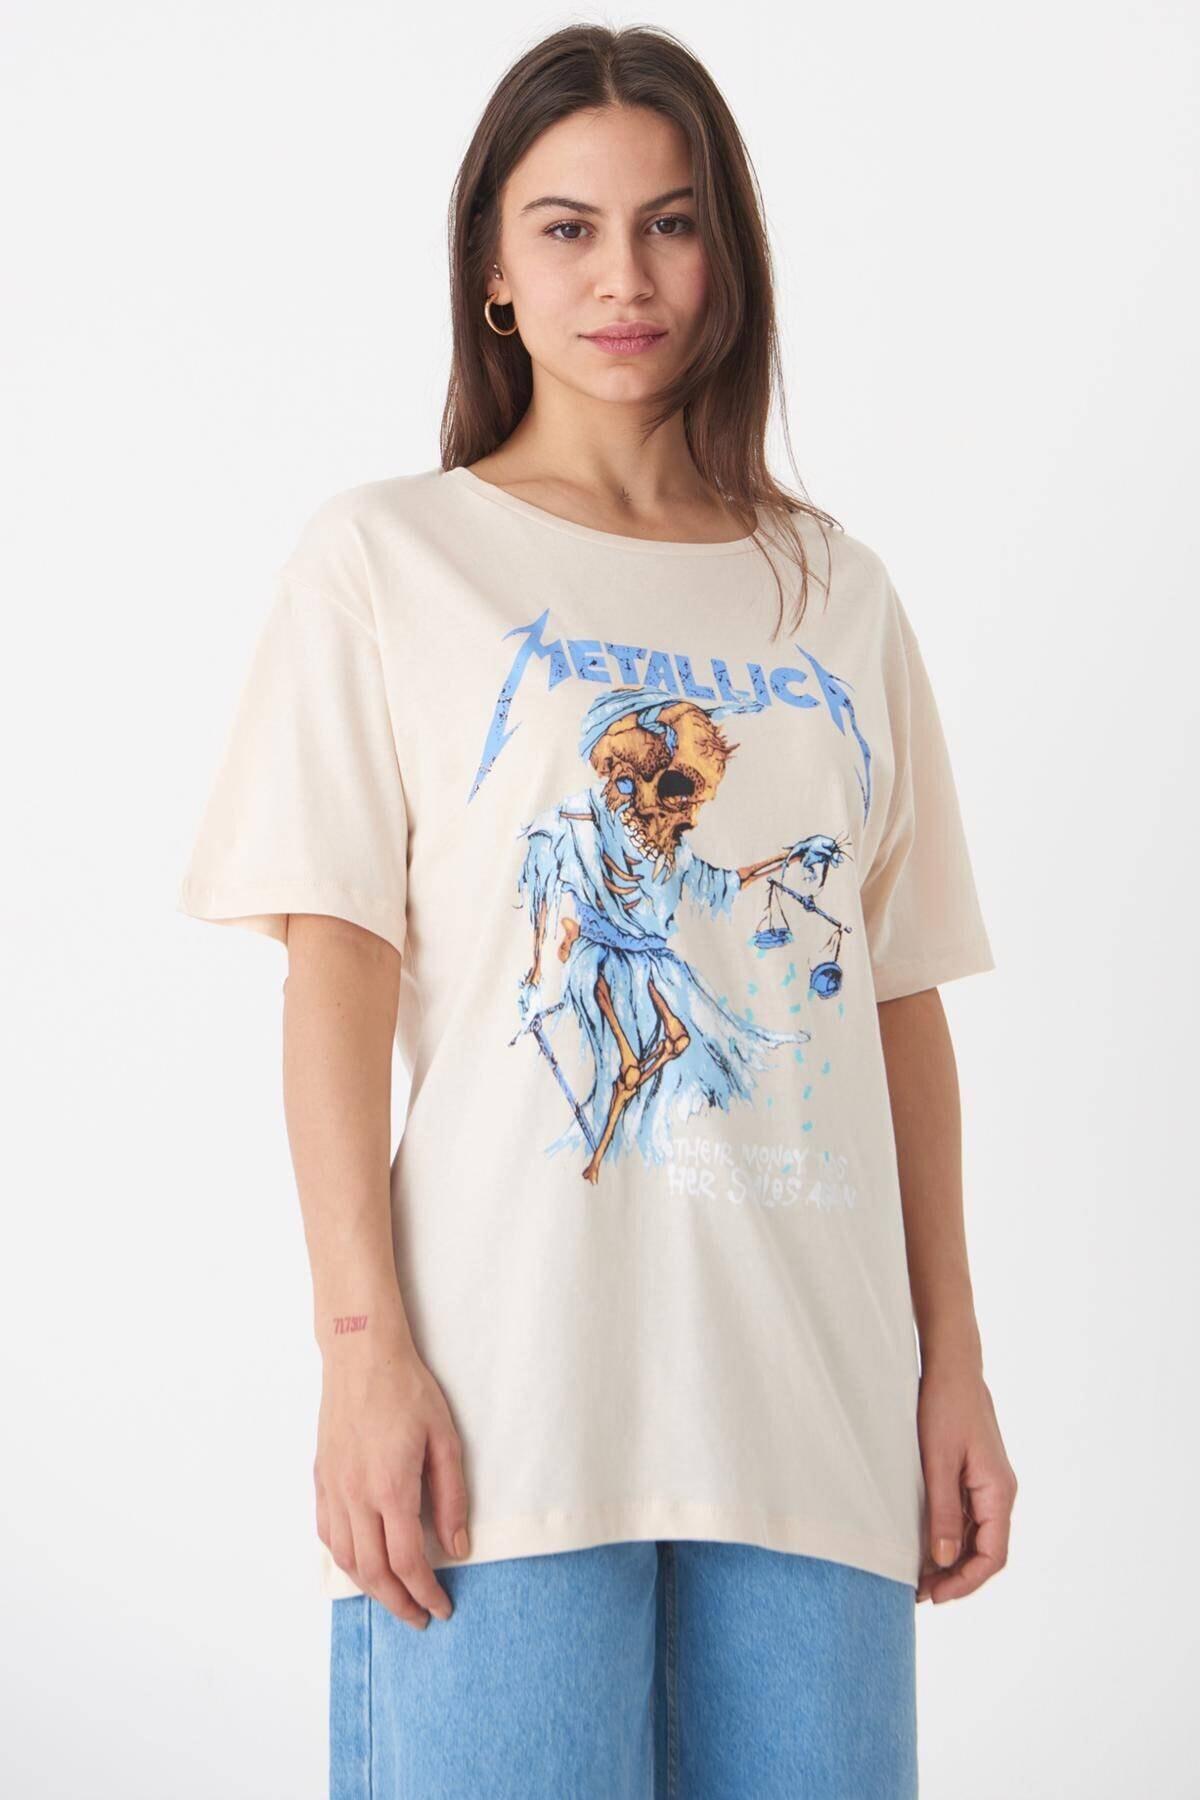 Kadın Taş Baskılı T-Shirt P0645 - T3 Adx-0000018029